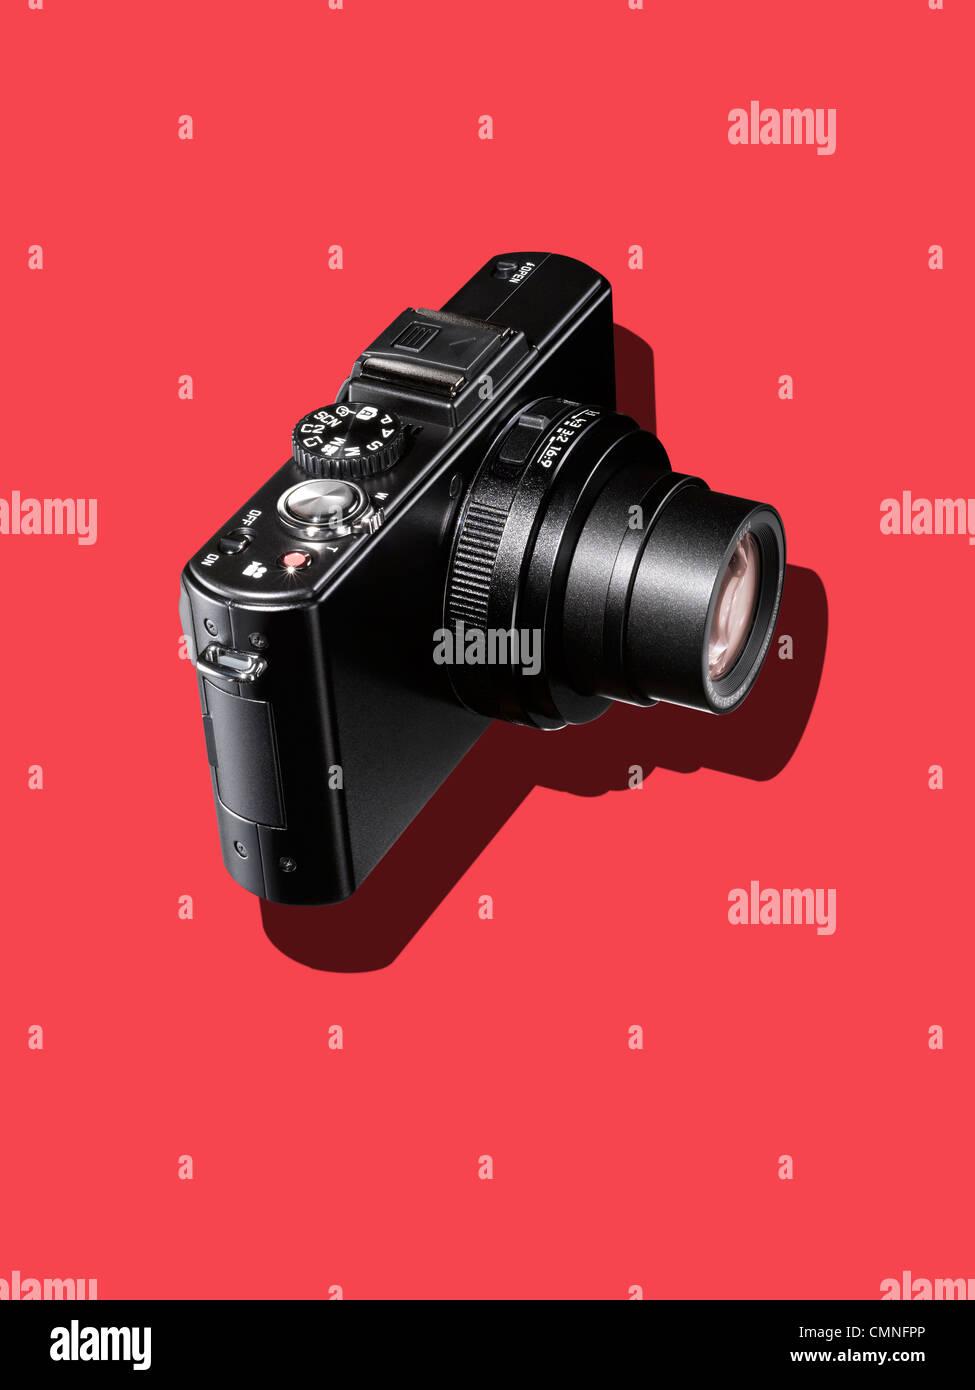 Una cámara negra sobre un fondo rojo. Imagen De Stock